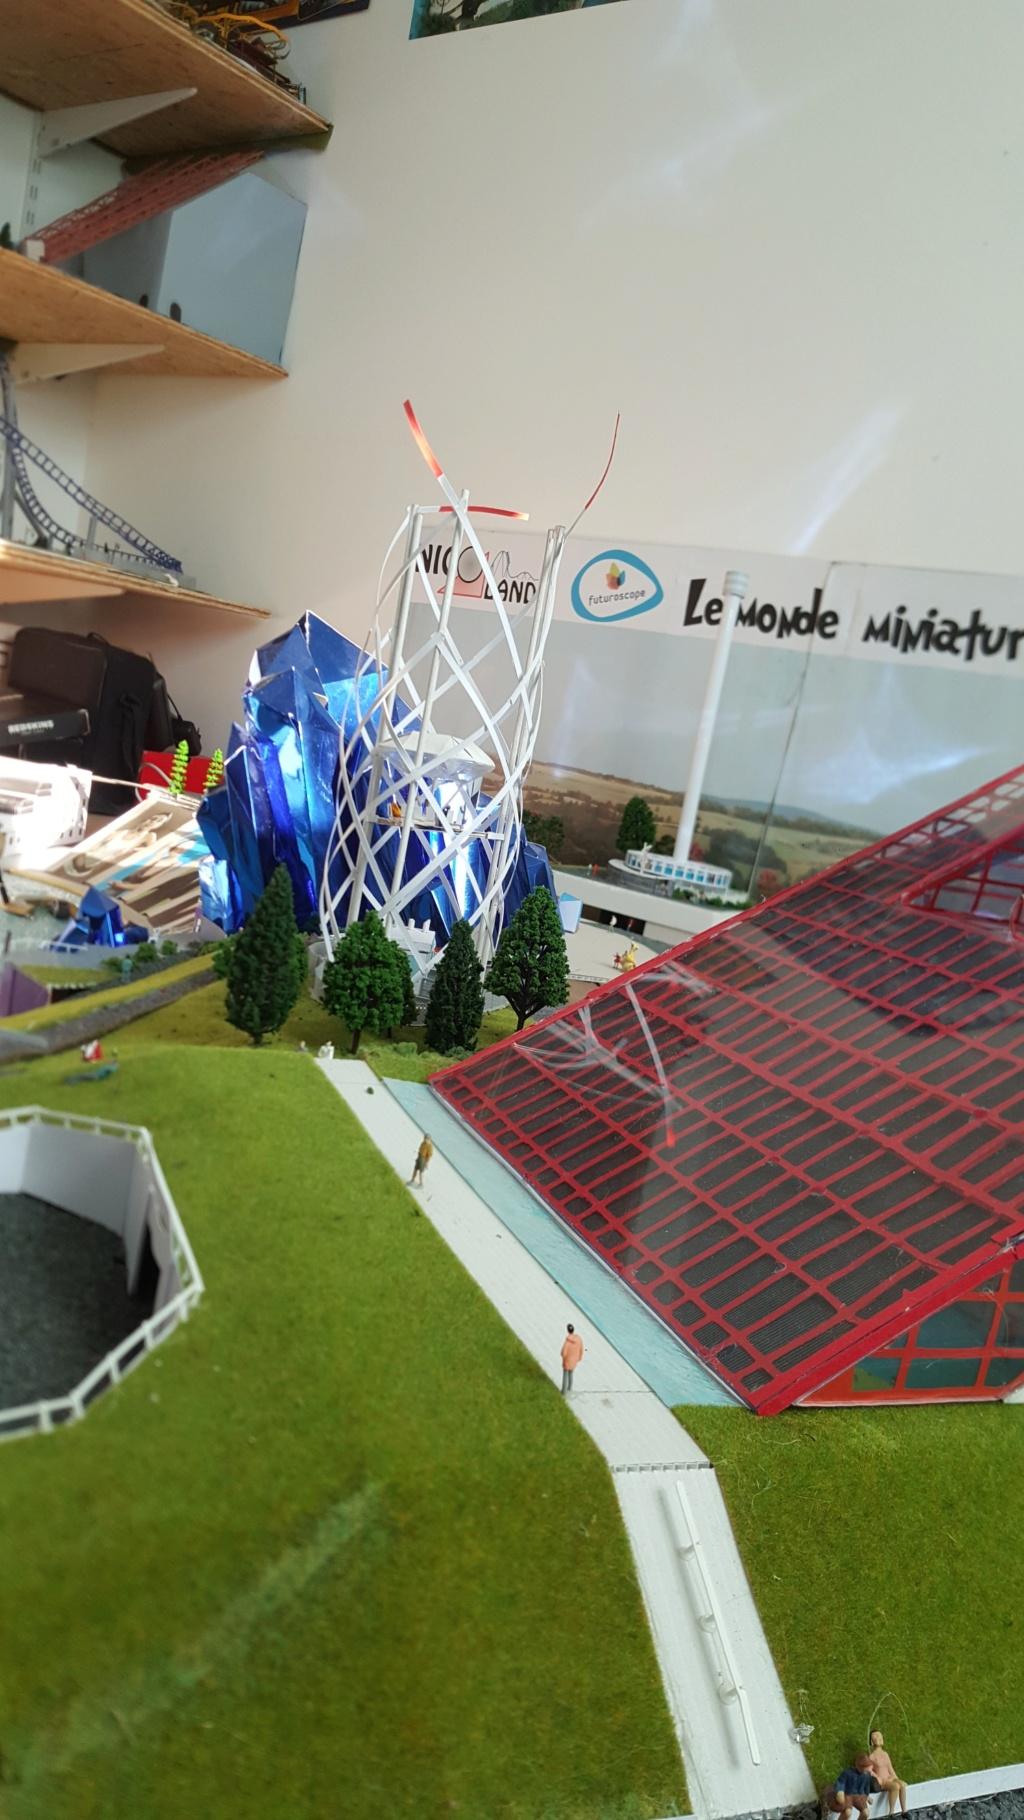 Maquettes de pavillons du Futuroscope par Nicoland - Page 5 20190212